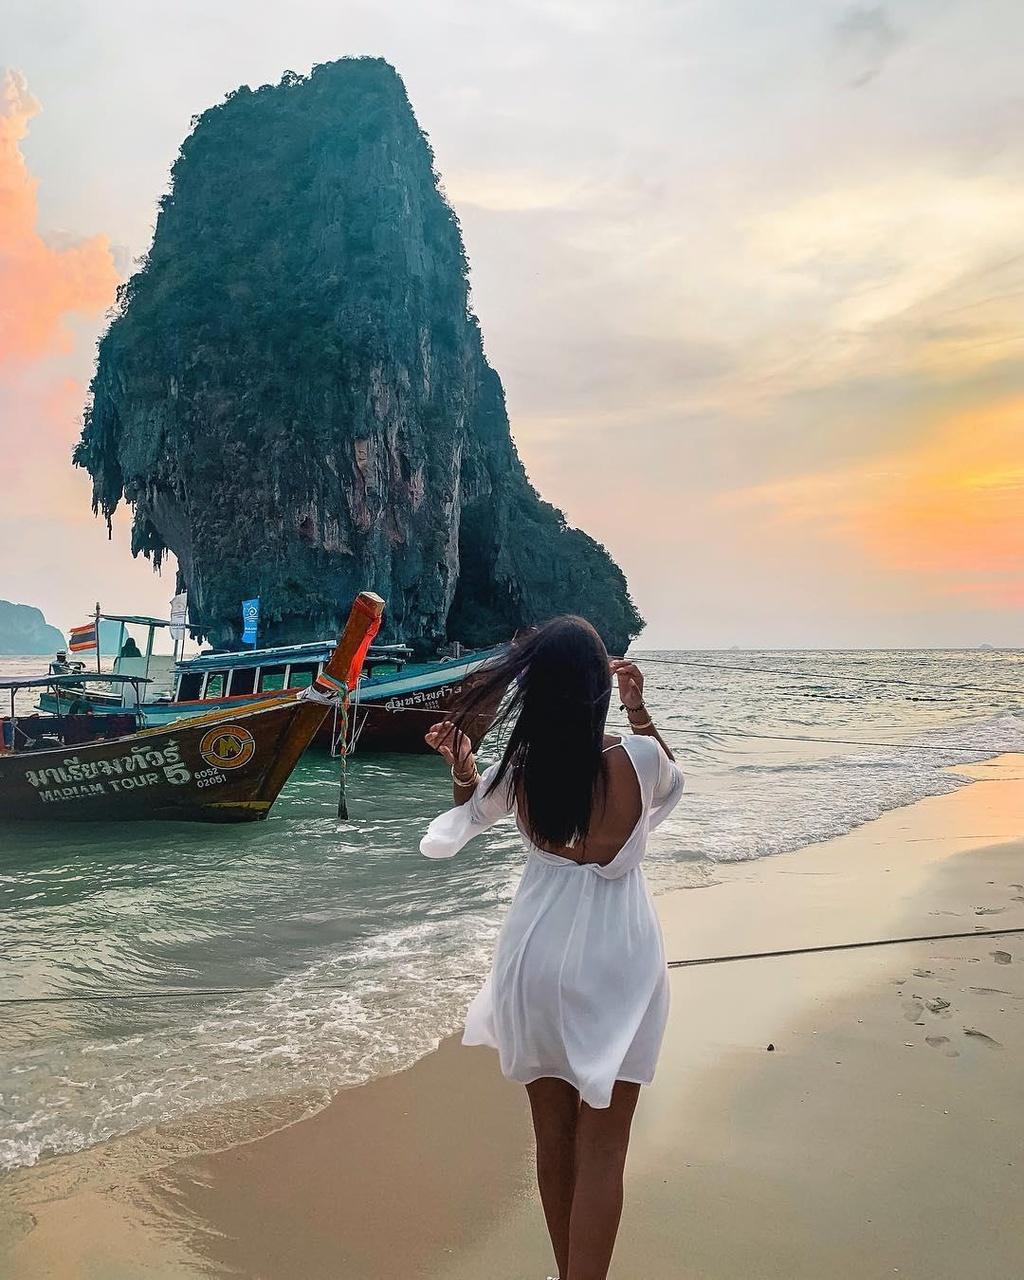 Krabi va nhung bai bien dep nhat Thai Lan hinh anh 8